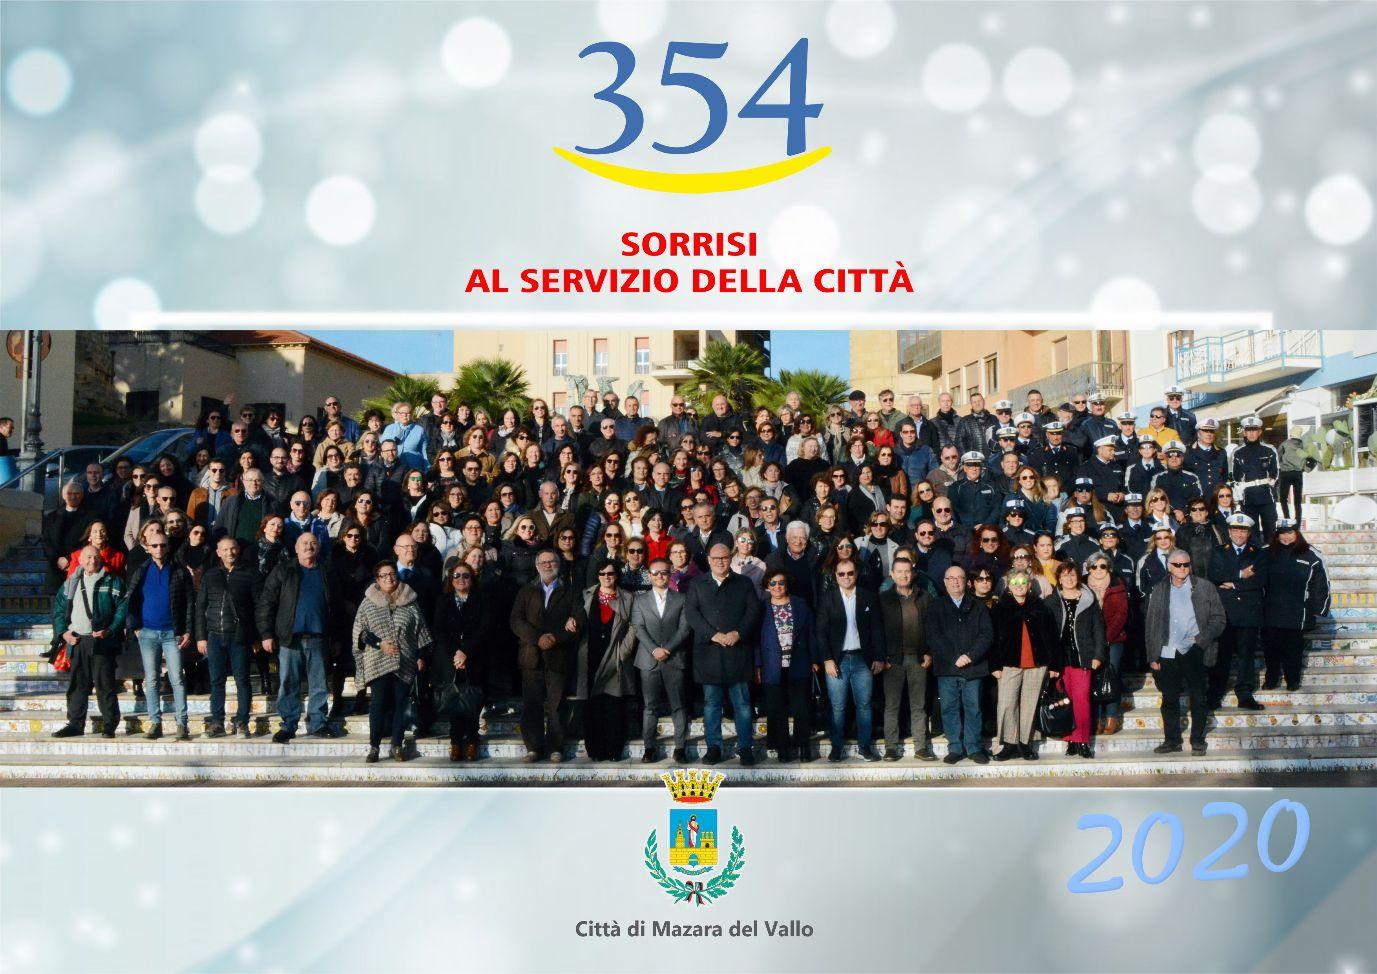 354 sorrisi al servizio della Città. Il calendario 2020 dei dipendenti del Comune di Mazara